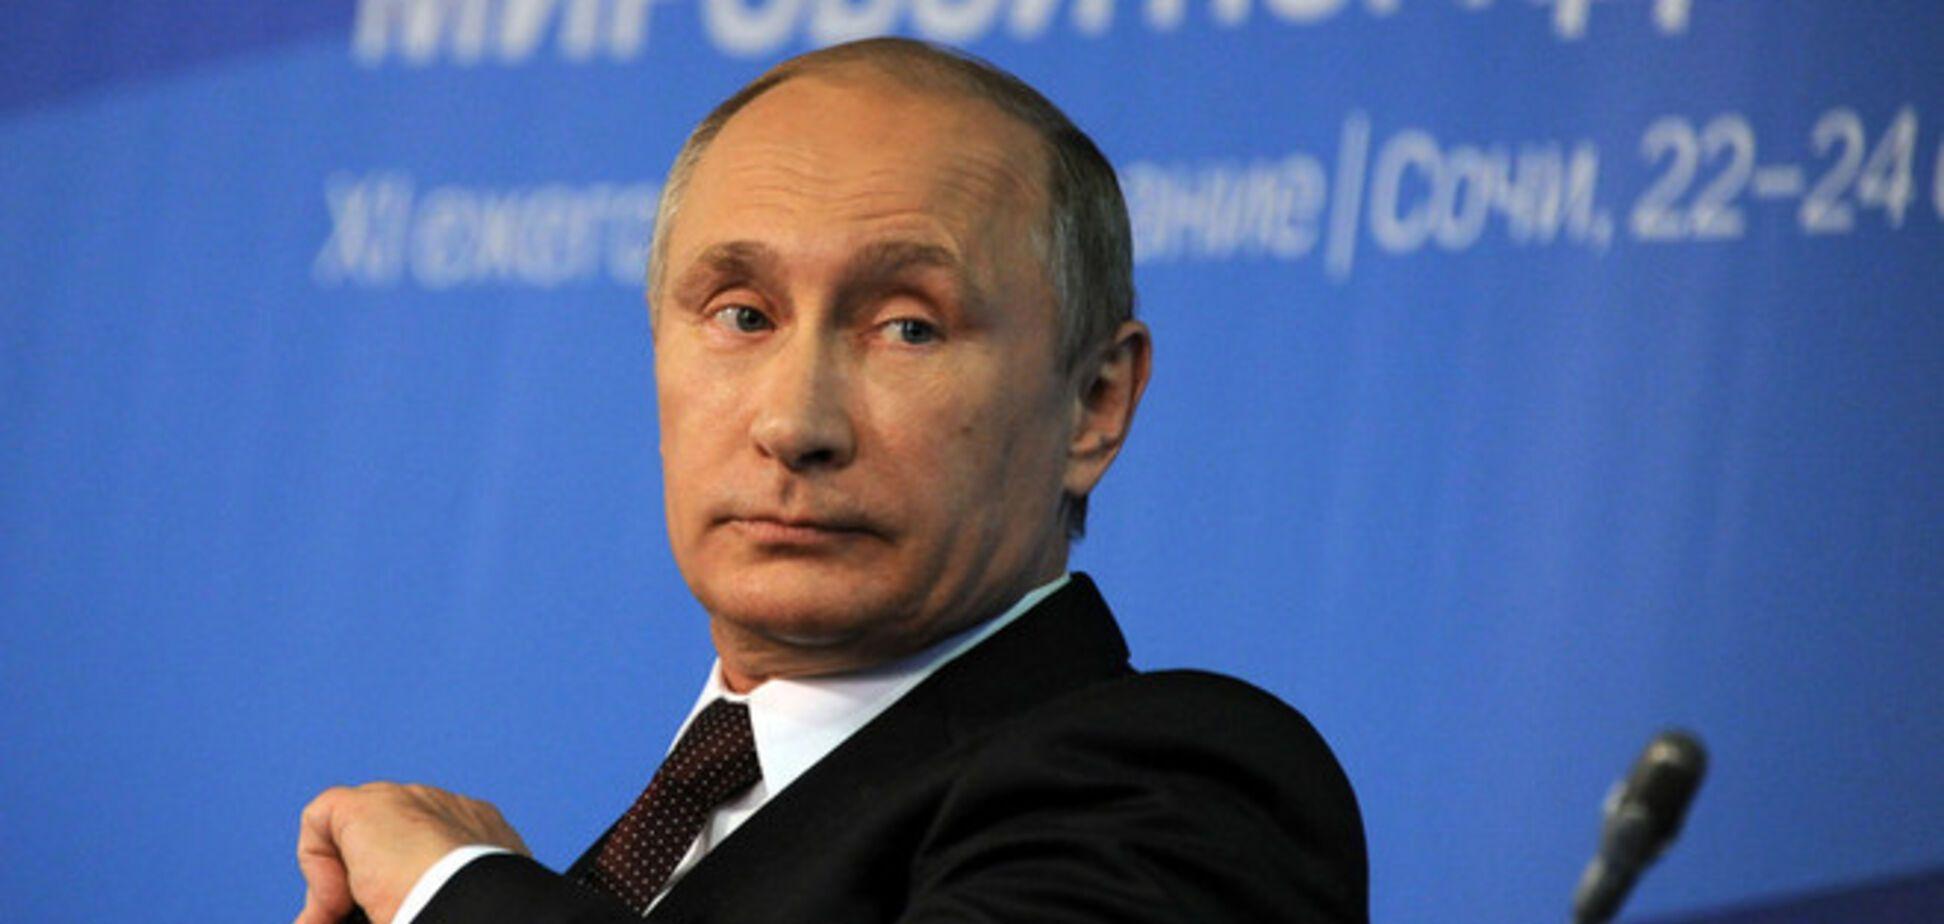 Российский бизнесмен оценил угрозу того, что Путин начнет большую войну